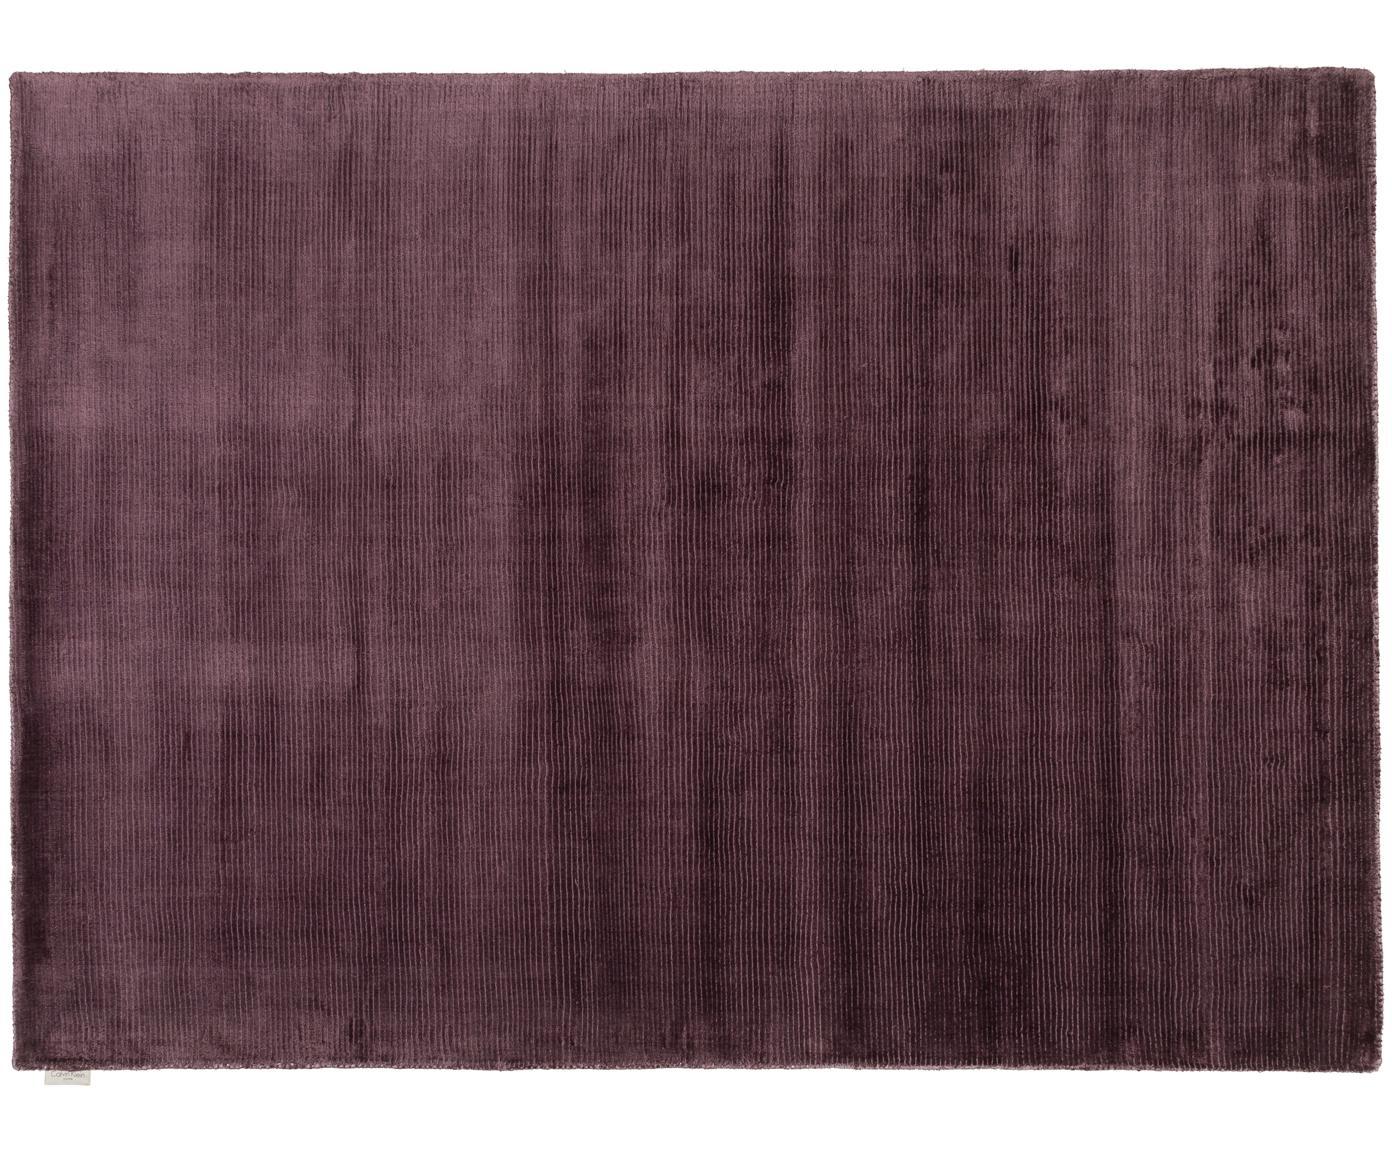 Handgeweven vloerkleed Lunar, Bovenzijde: viscose, Onderzijde: 100% katoen, Paars, 69 x 226 cm